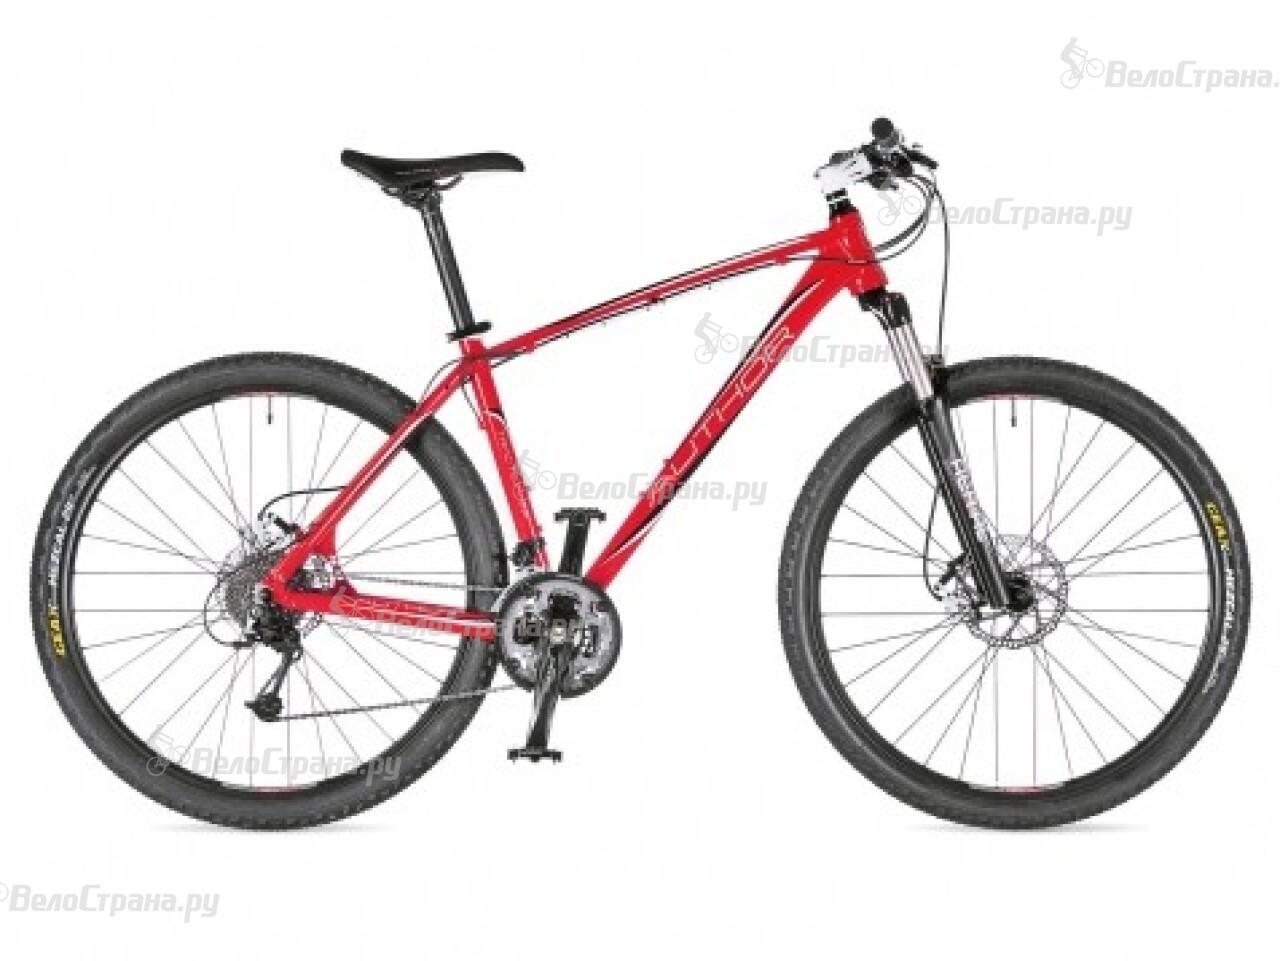 Велосипед Author Traction 29 (2014)